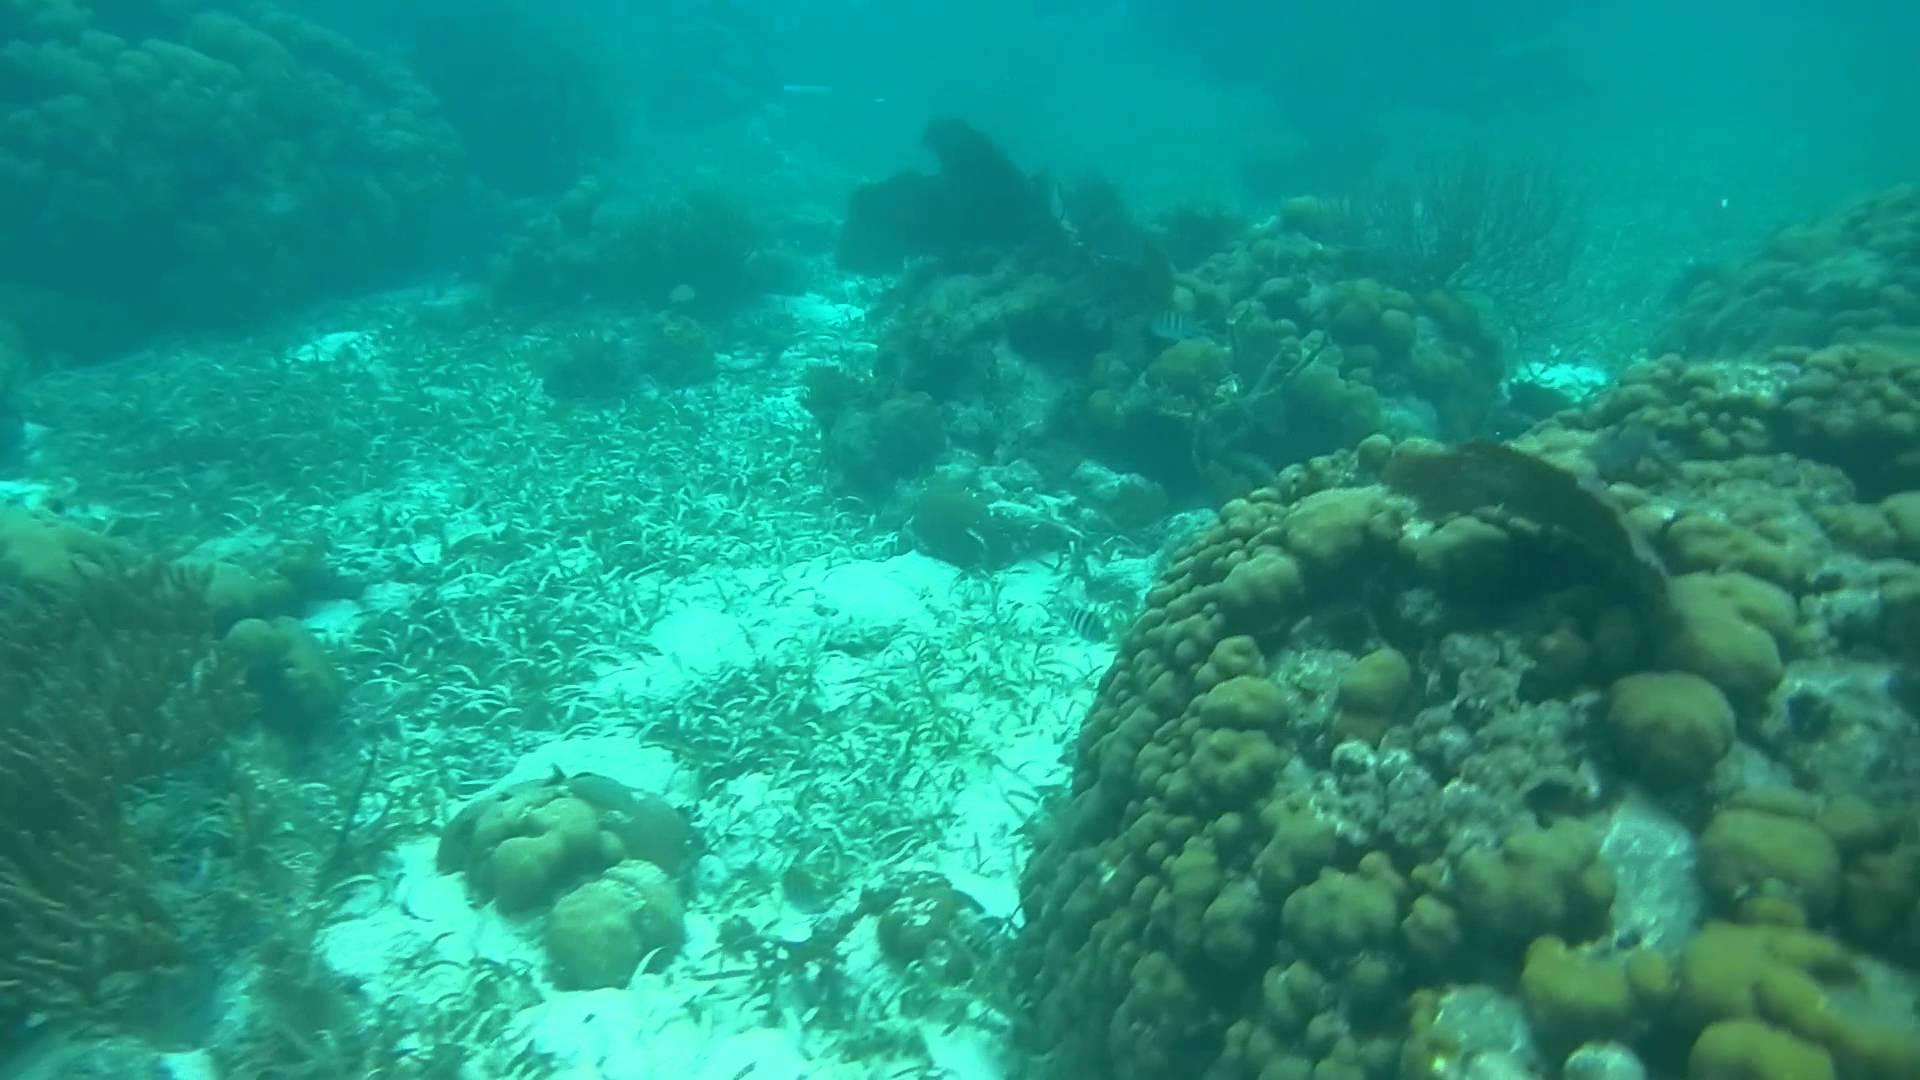 Los arrecifes de coral están en problemas: ¿Cómo pueden las personas adaptarse?